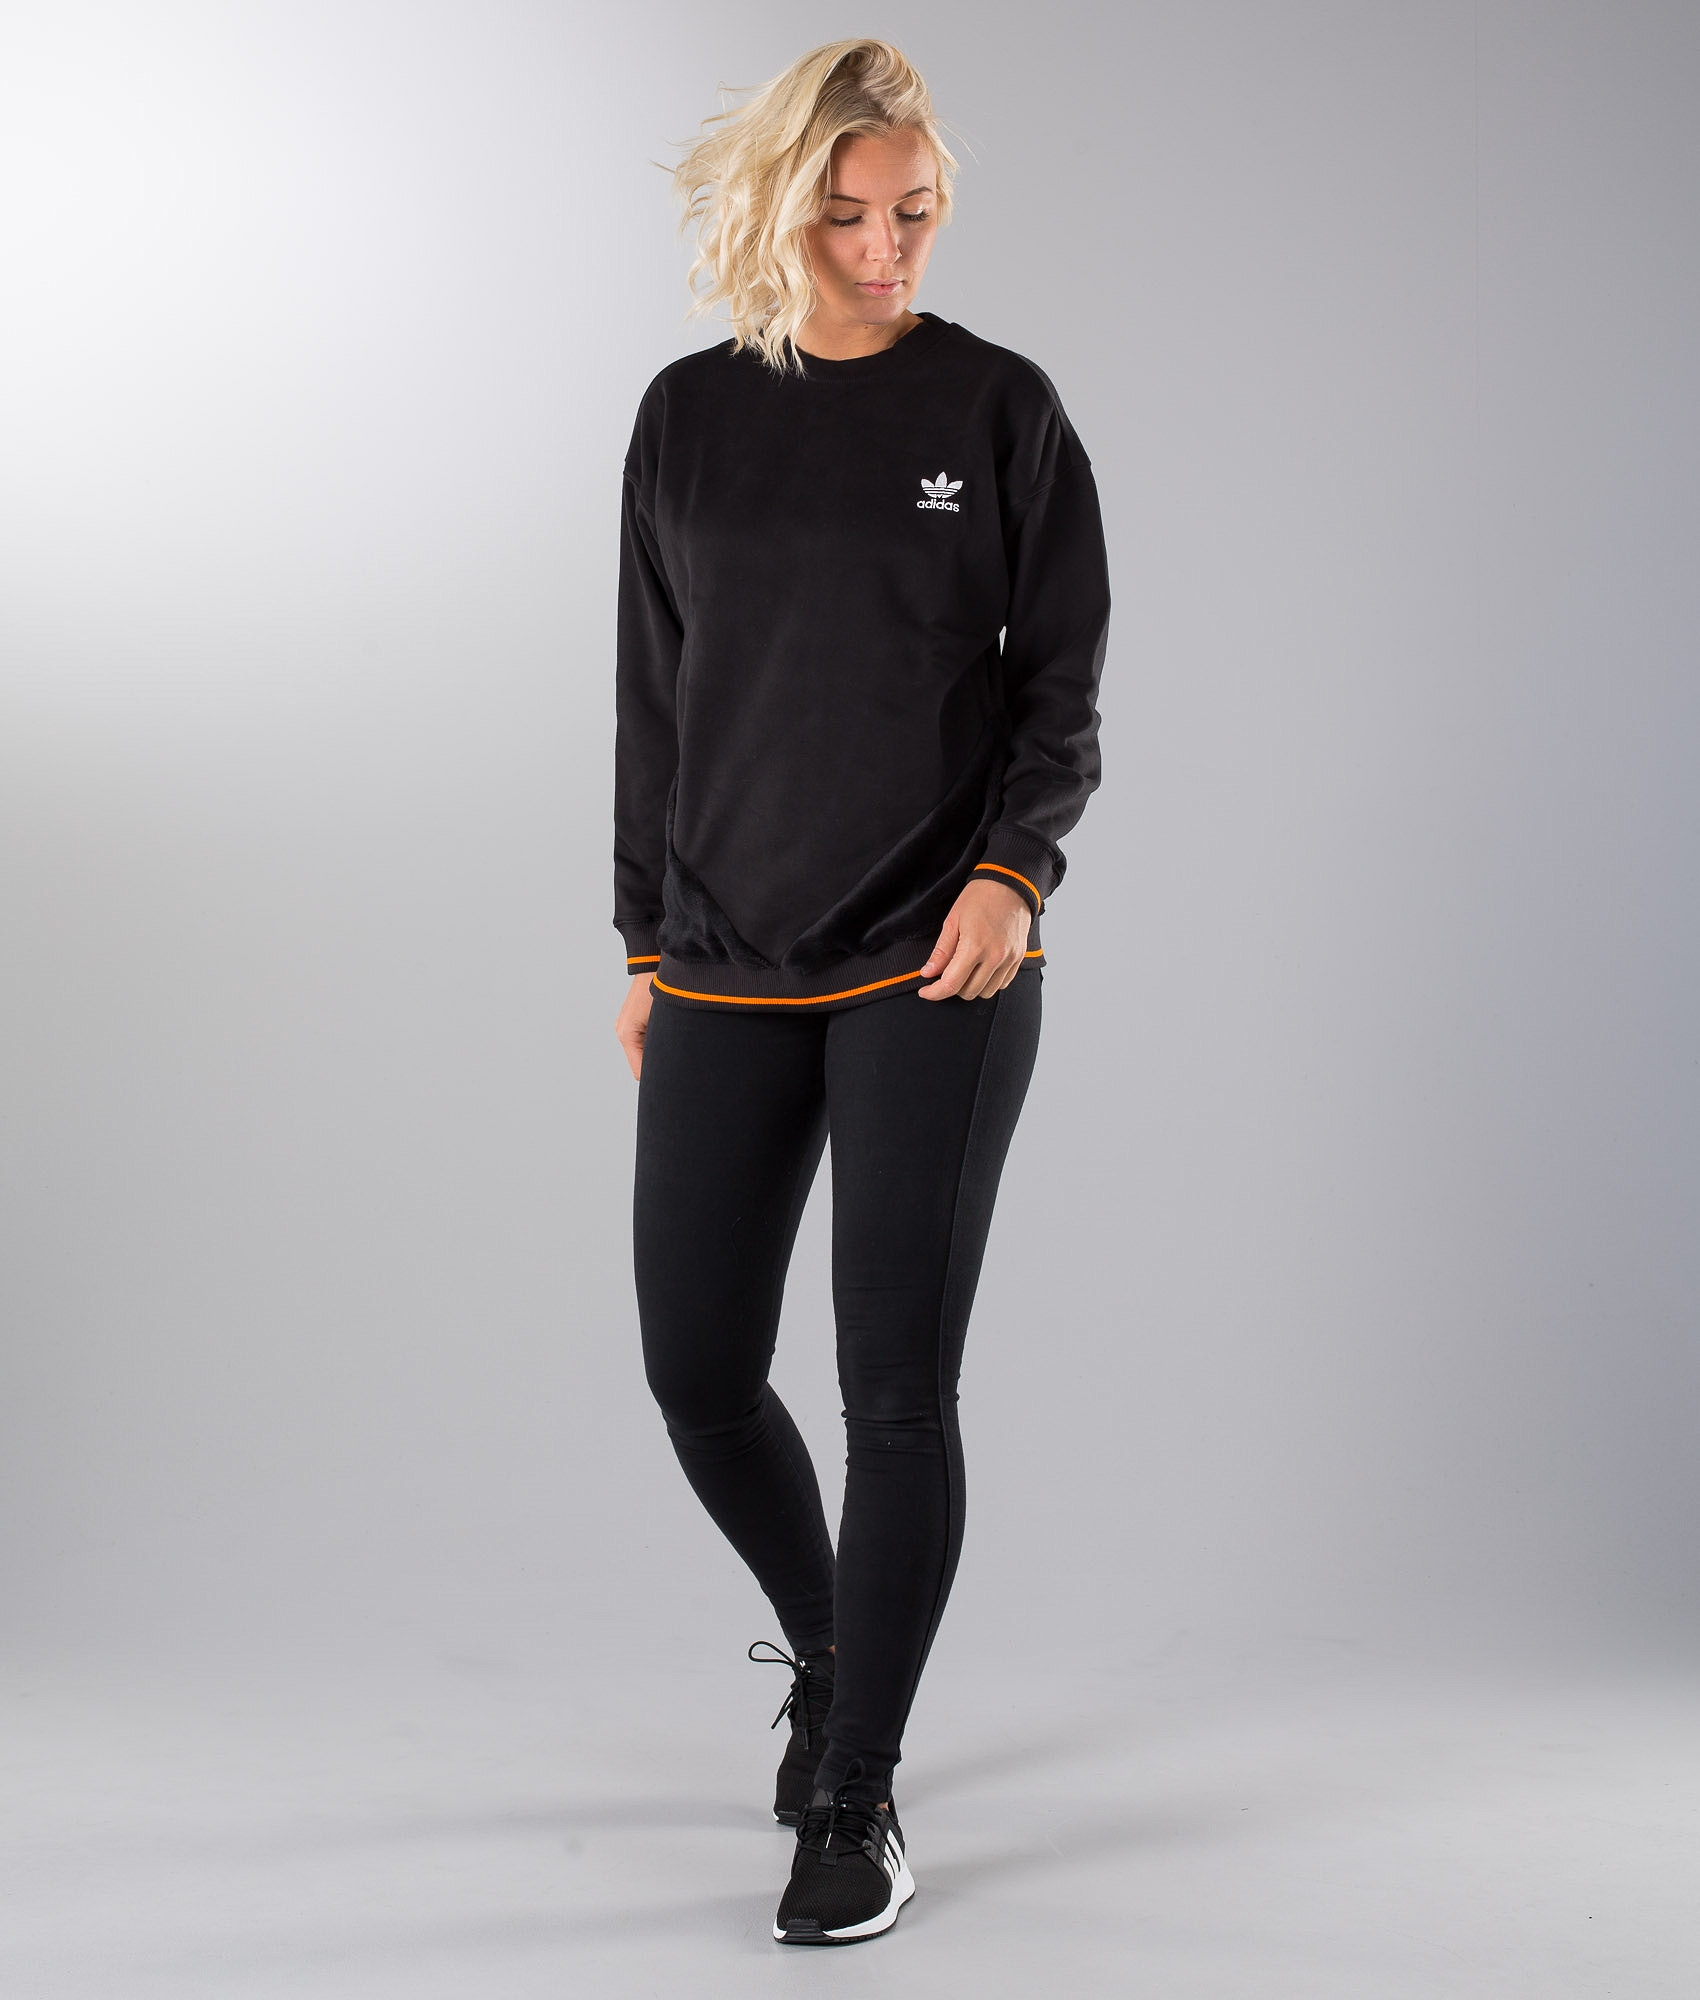 aa01b428a7931 Adidas Originals Colorado Sweater Black - Ridestore.com